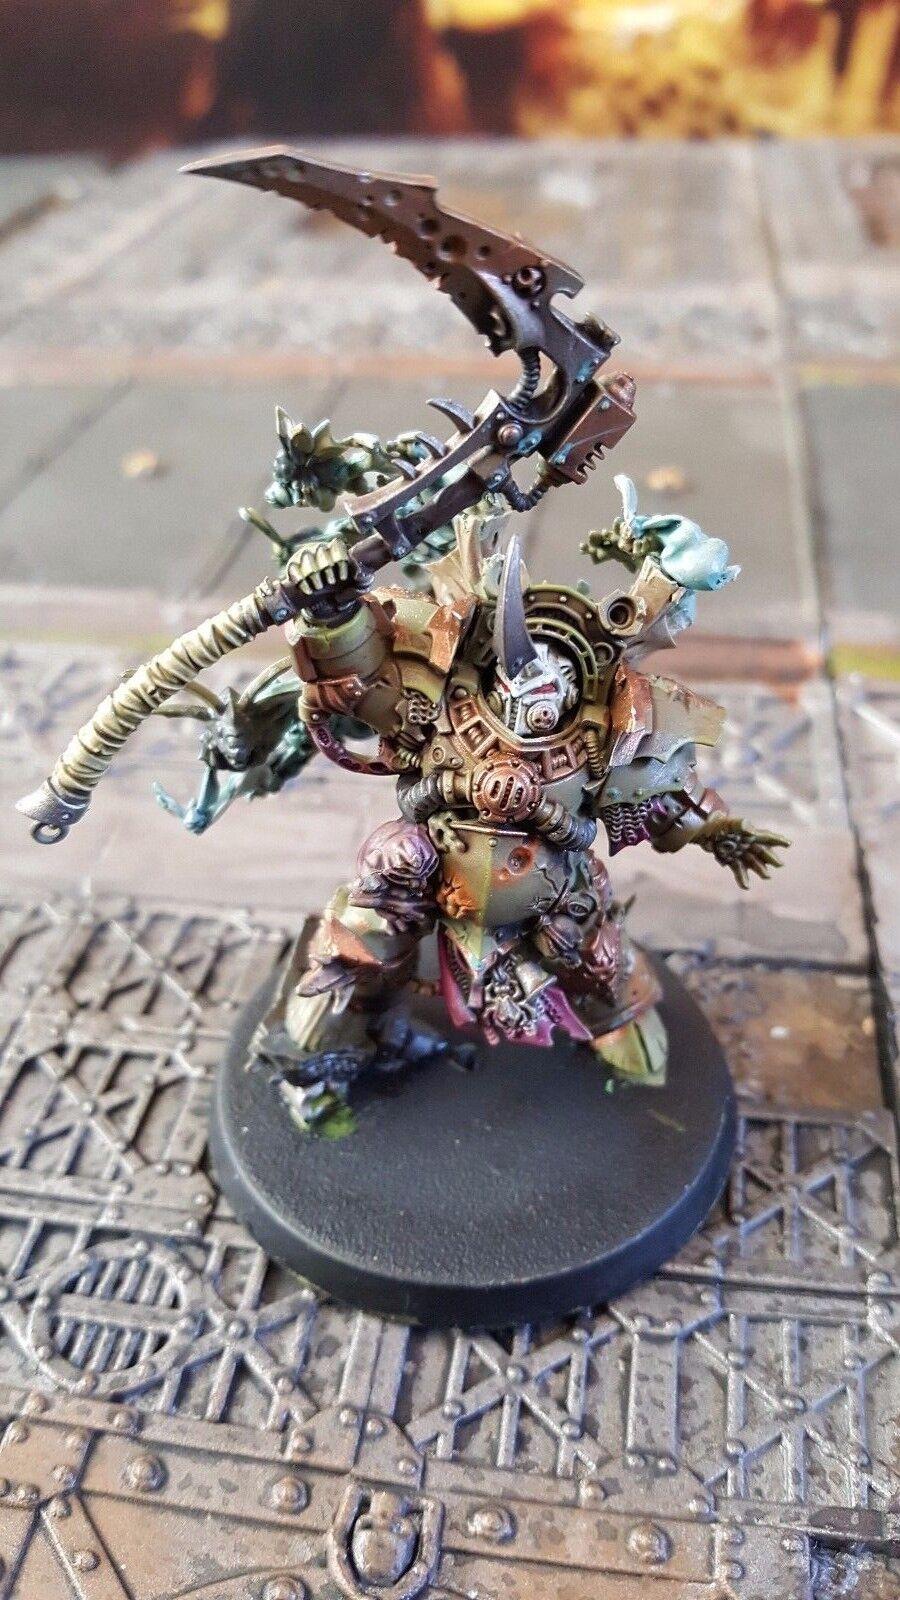 Warhammer 40k projoector de la muerte pro Pintado tifus Hearld de la peste hecho a pedido